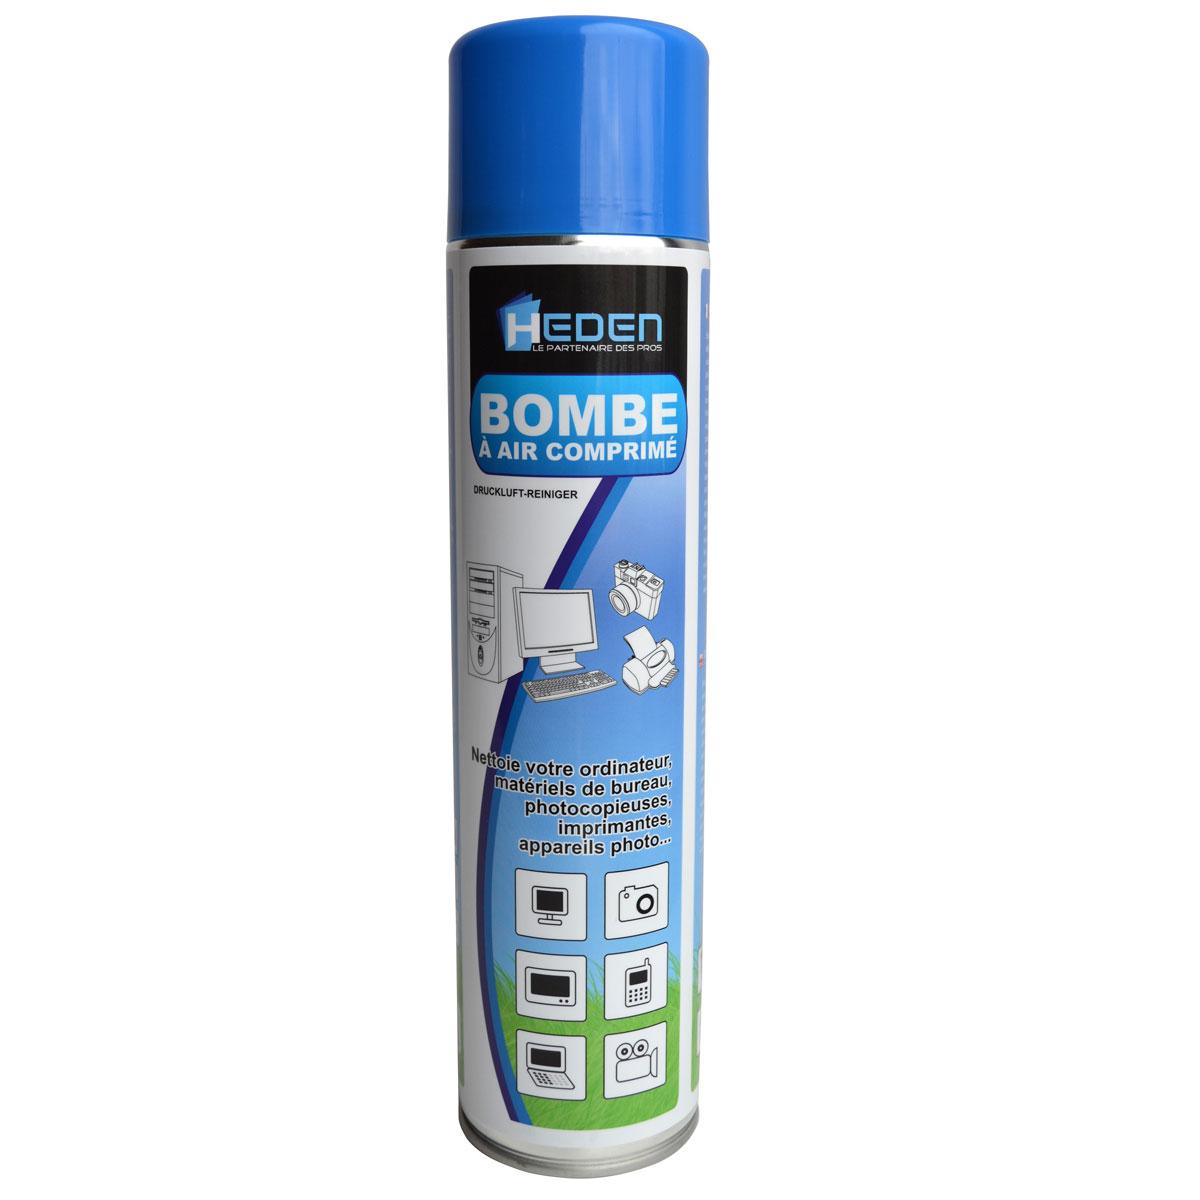 heden bombe air comprim 600 ml a rosol heden sur ldlc. Black Bedroom Furniture Sets. Home Design Ideas